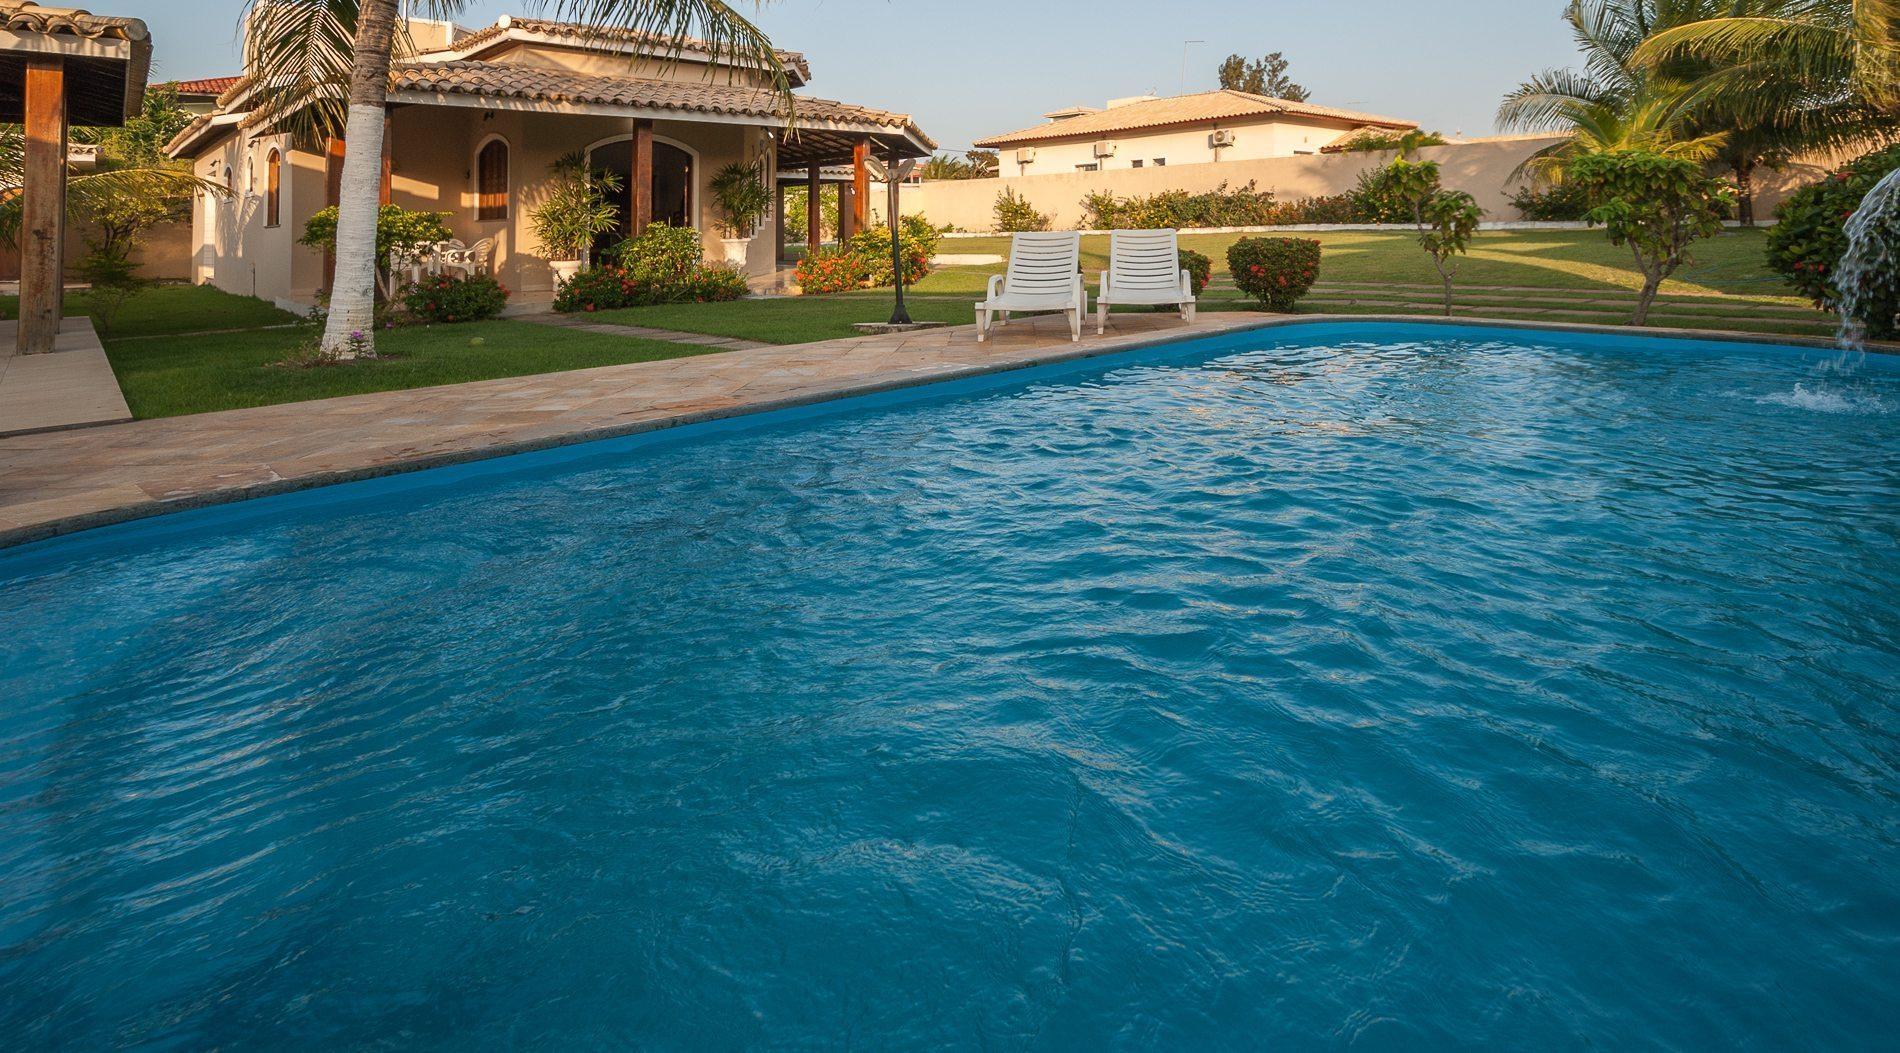 Piscina en casa las piscinas agregan valor a una casa - Casa rural miraconcha ...